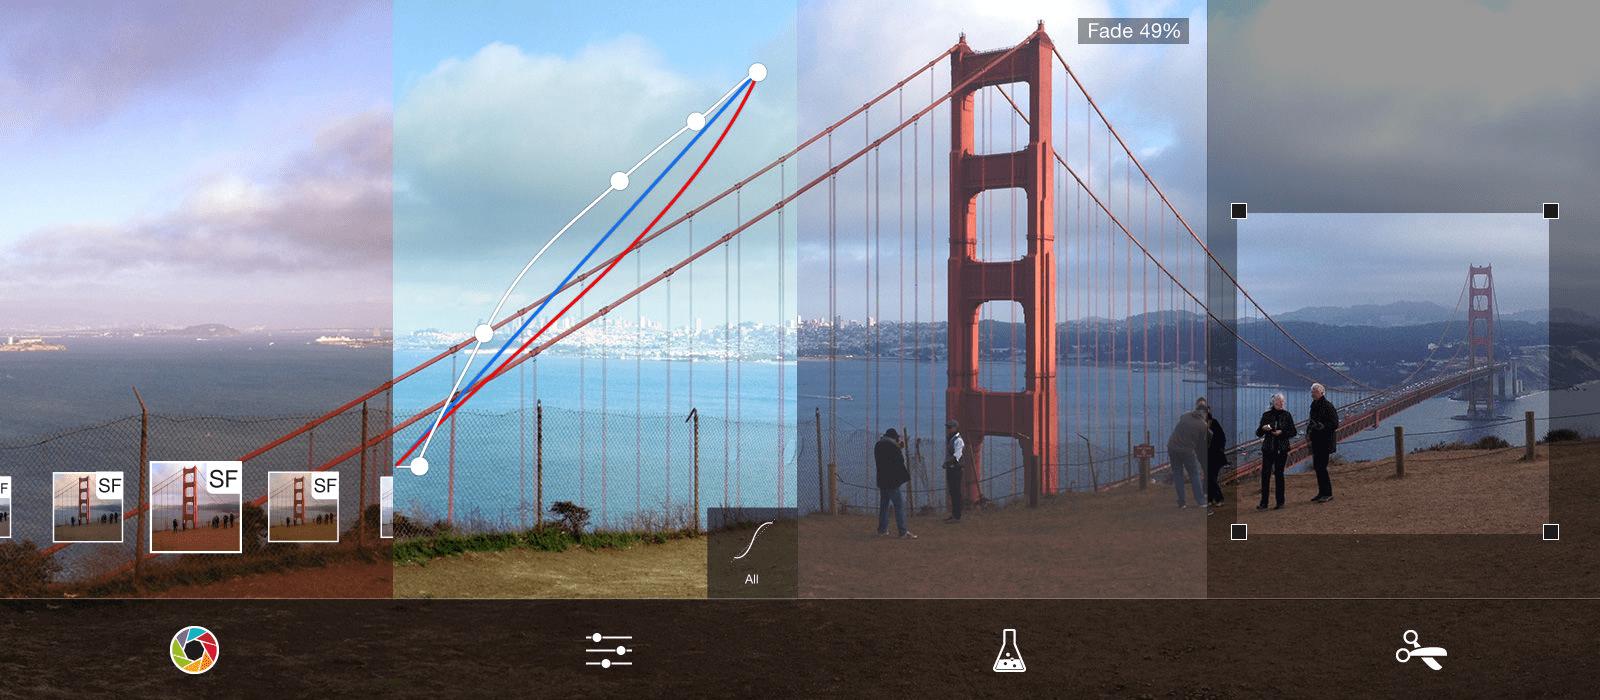 ProCamera nhận được đánh giá của người dùng trên App Store là 4.7/5